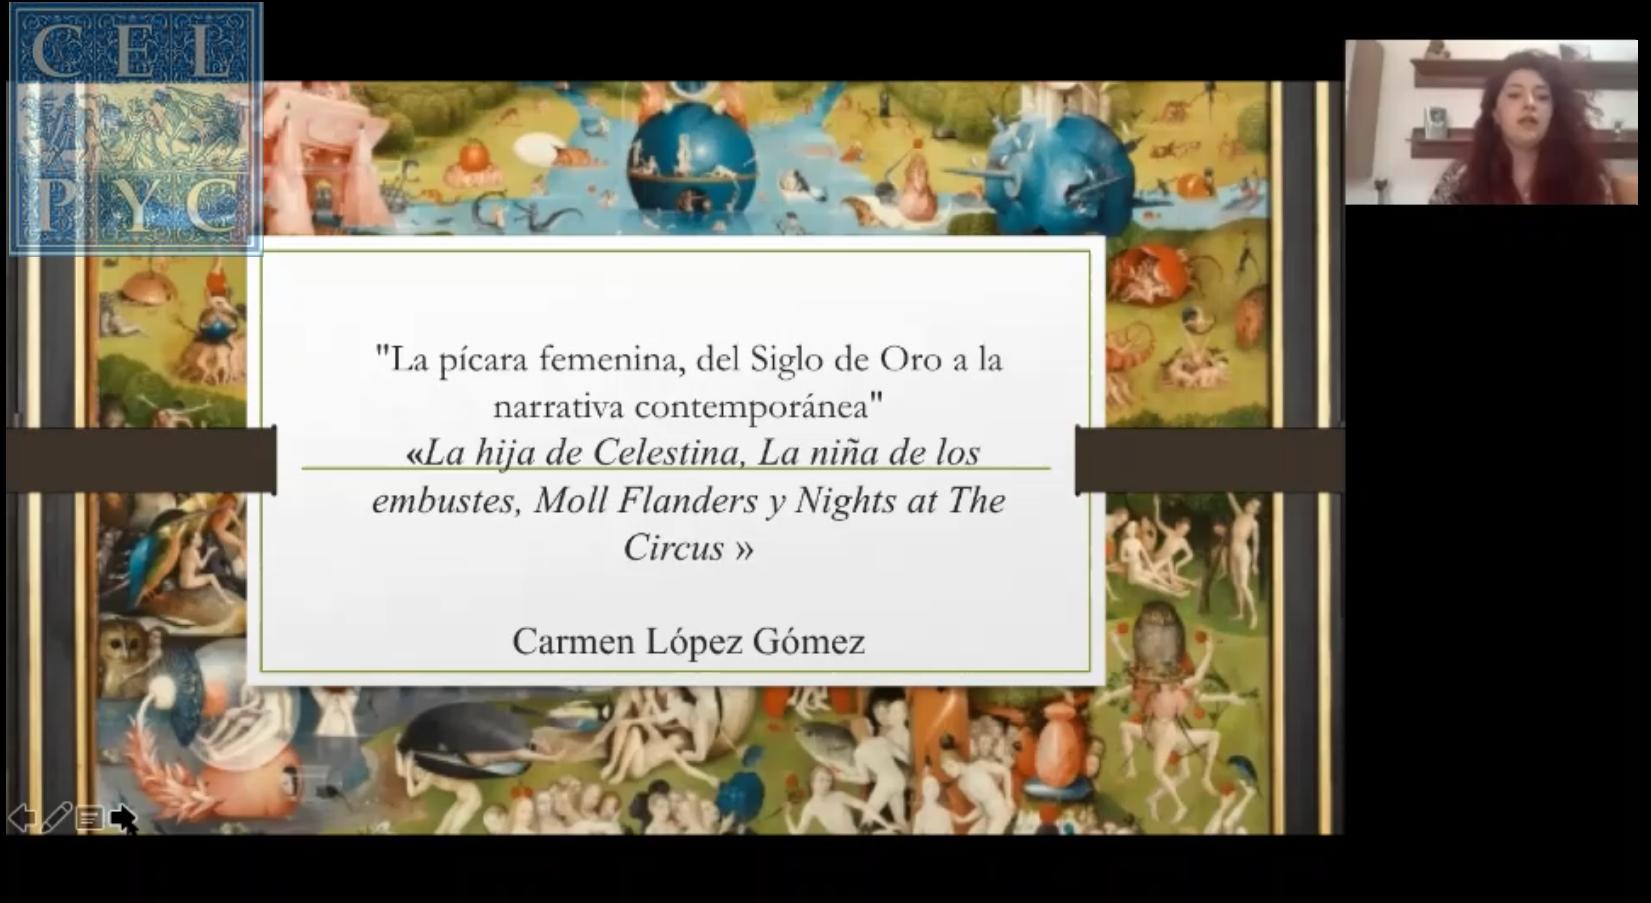 La pícara femenina, del Siglo de Oro a la narrativa contemporánea – María del Carmen LÓPEZ GÓMEZ